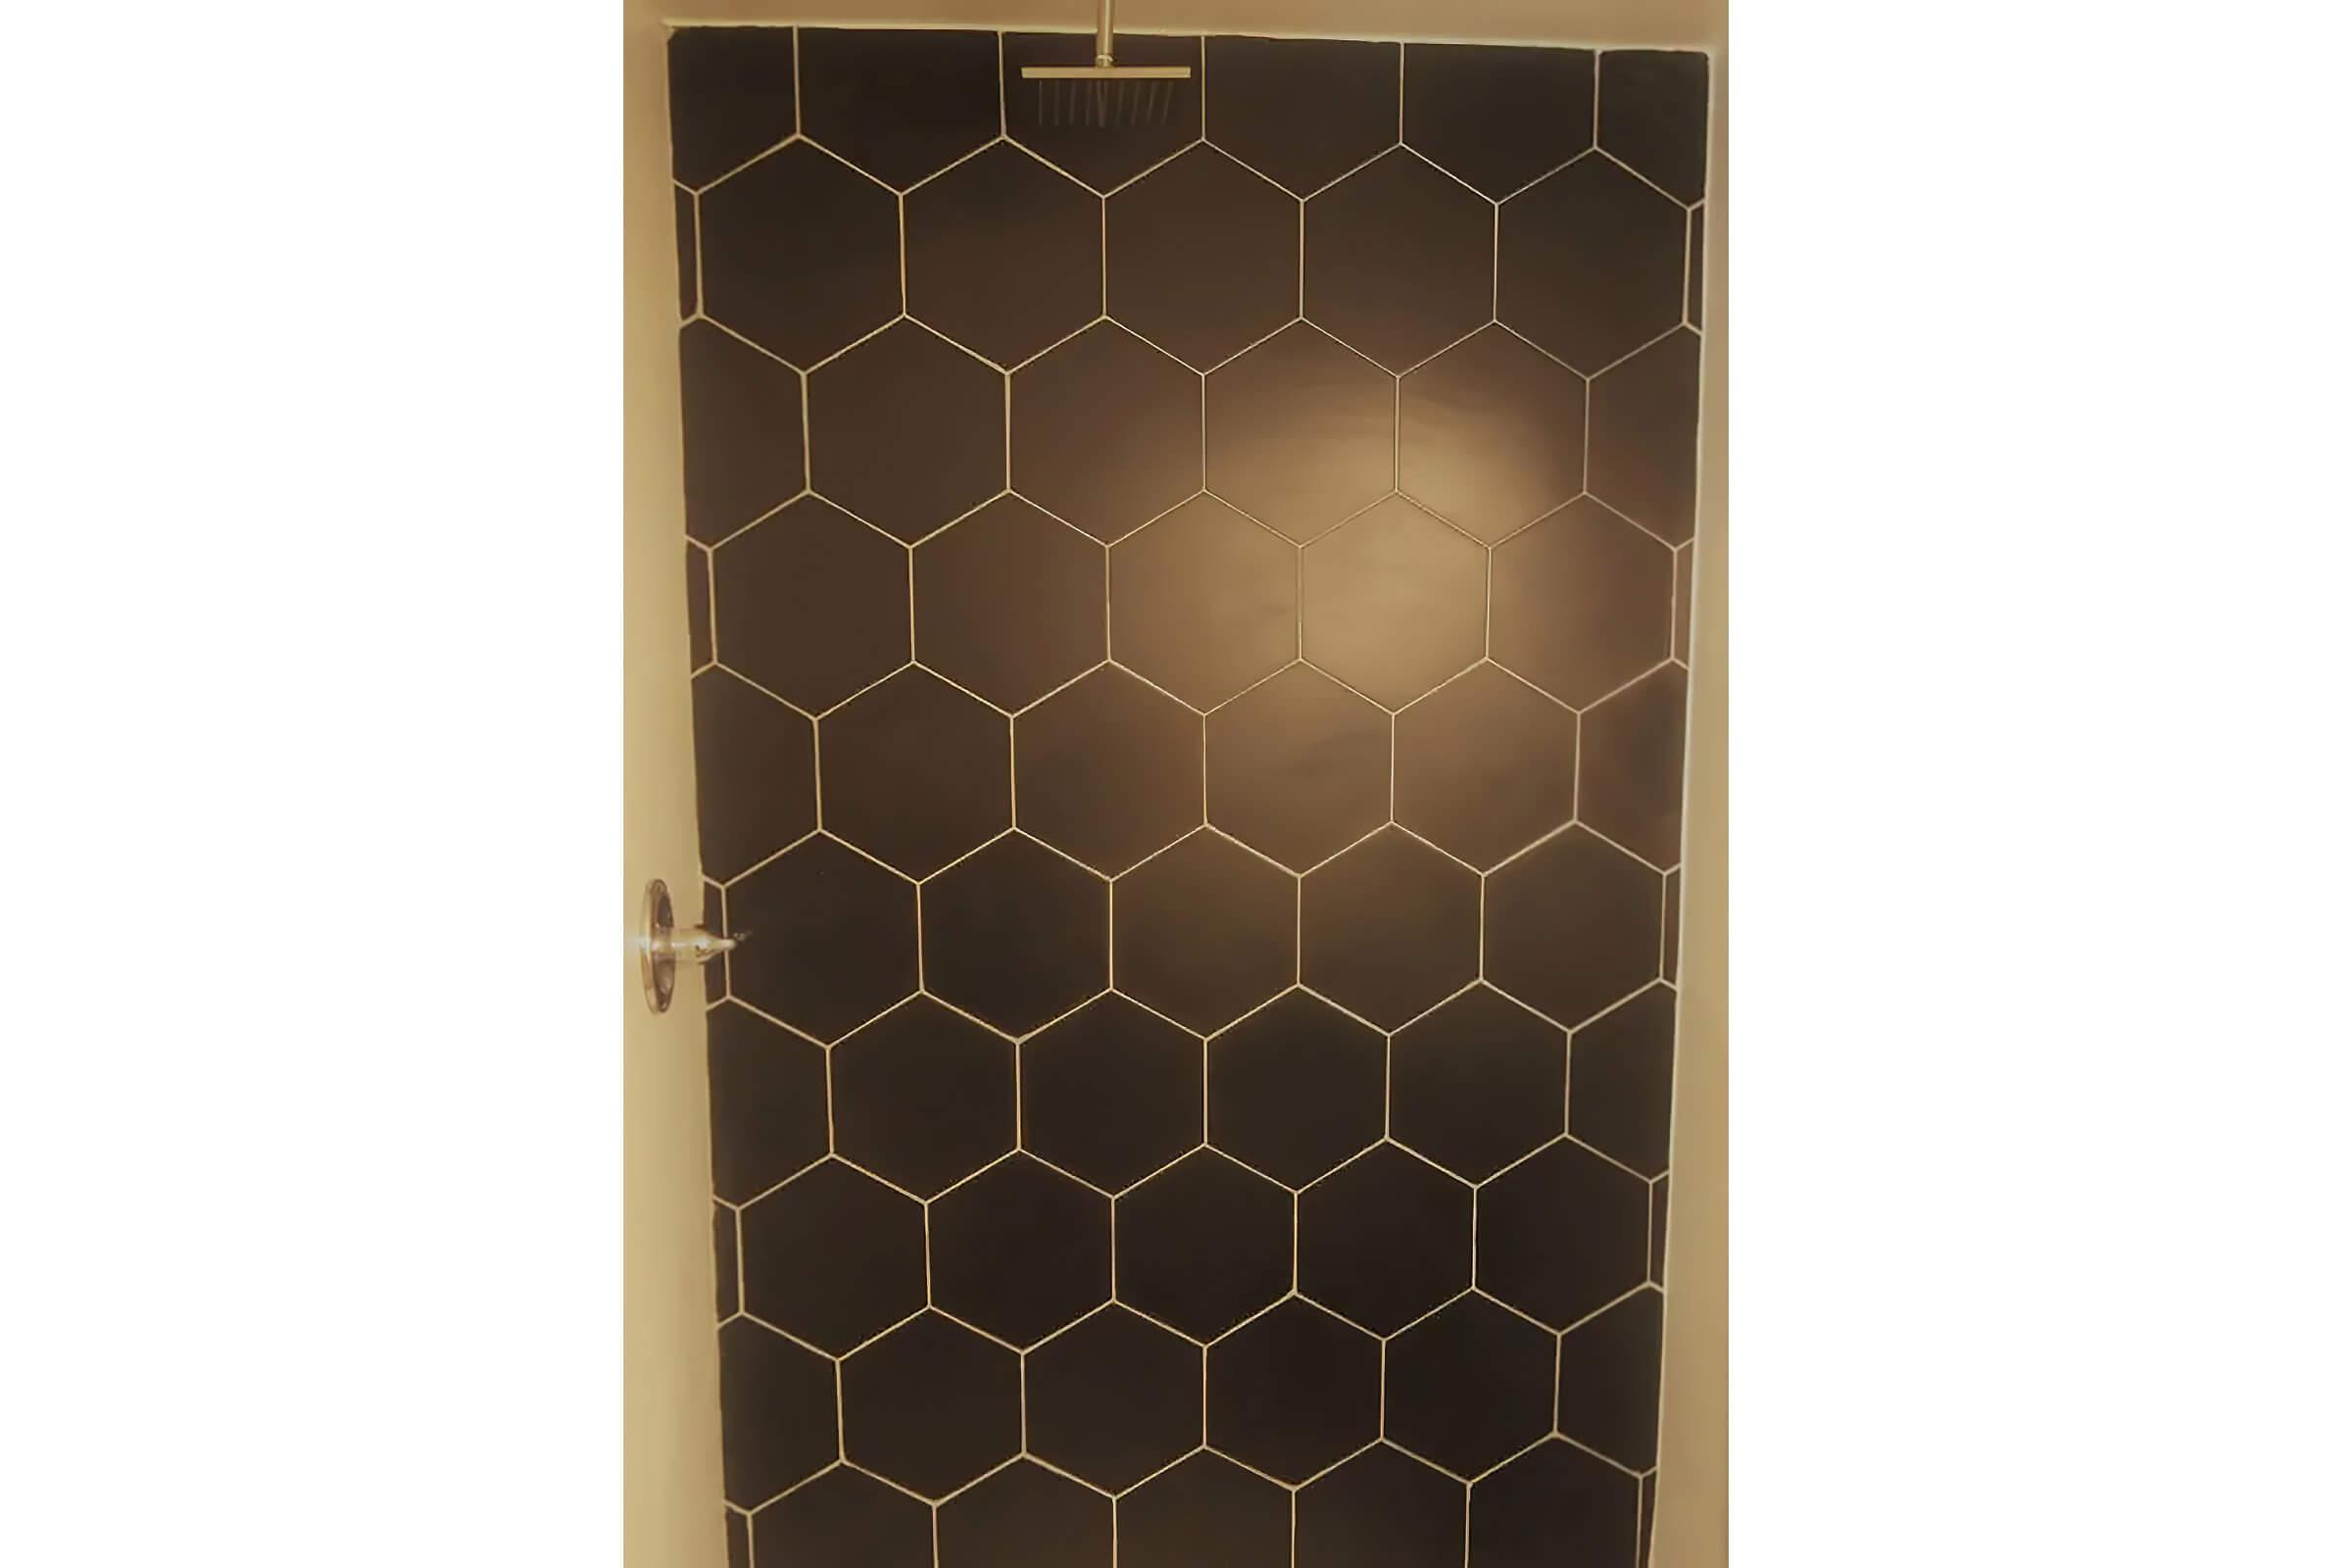 a close up of a honeycomb